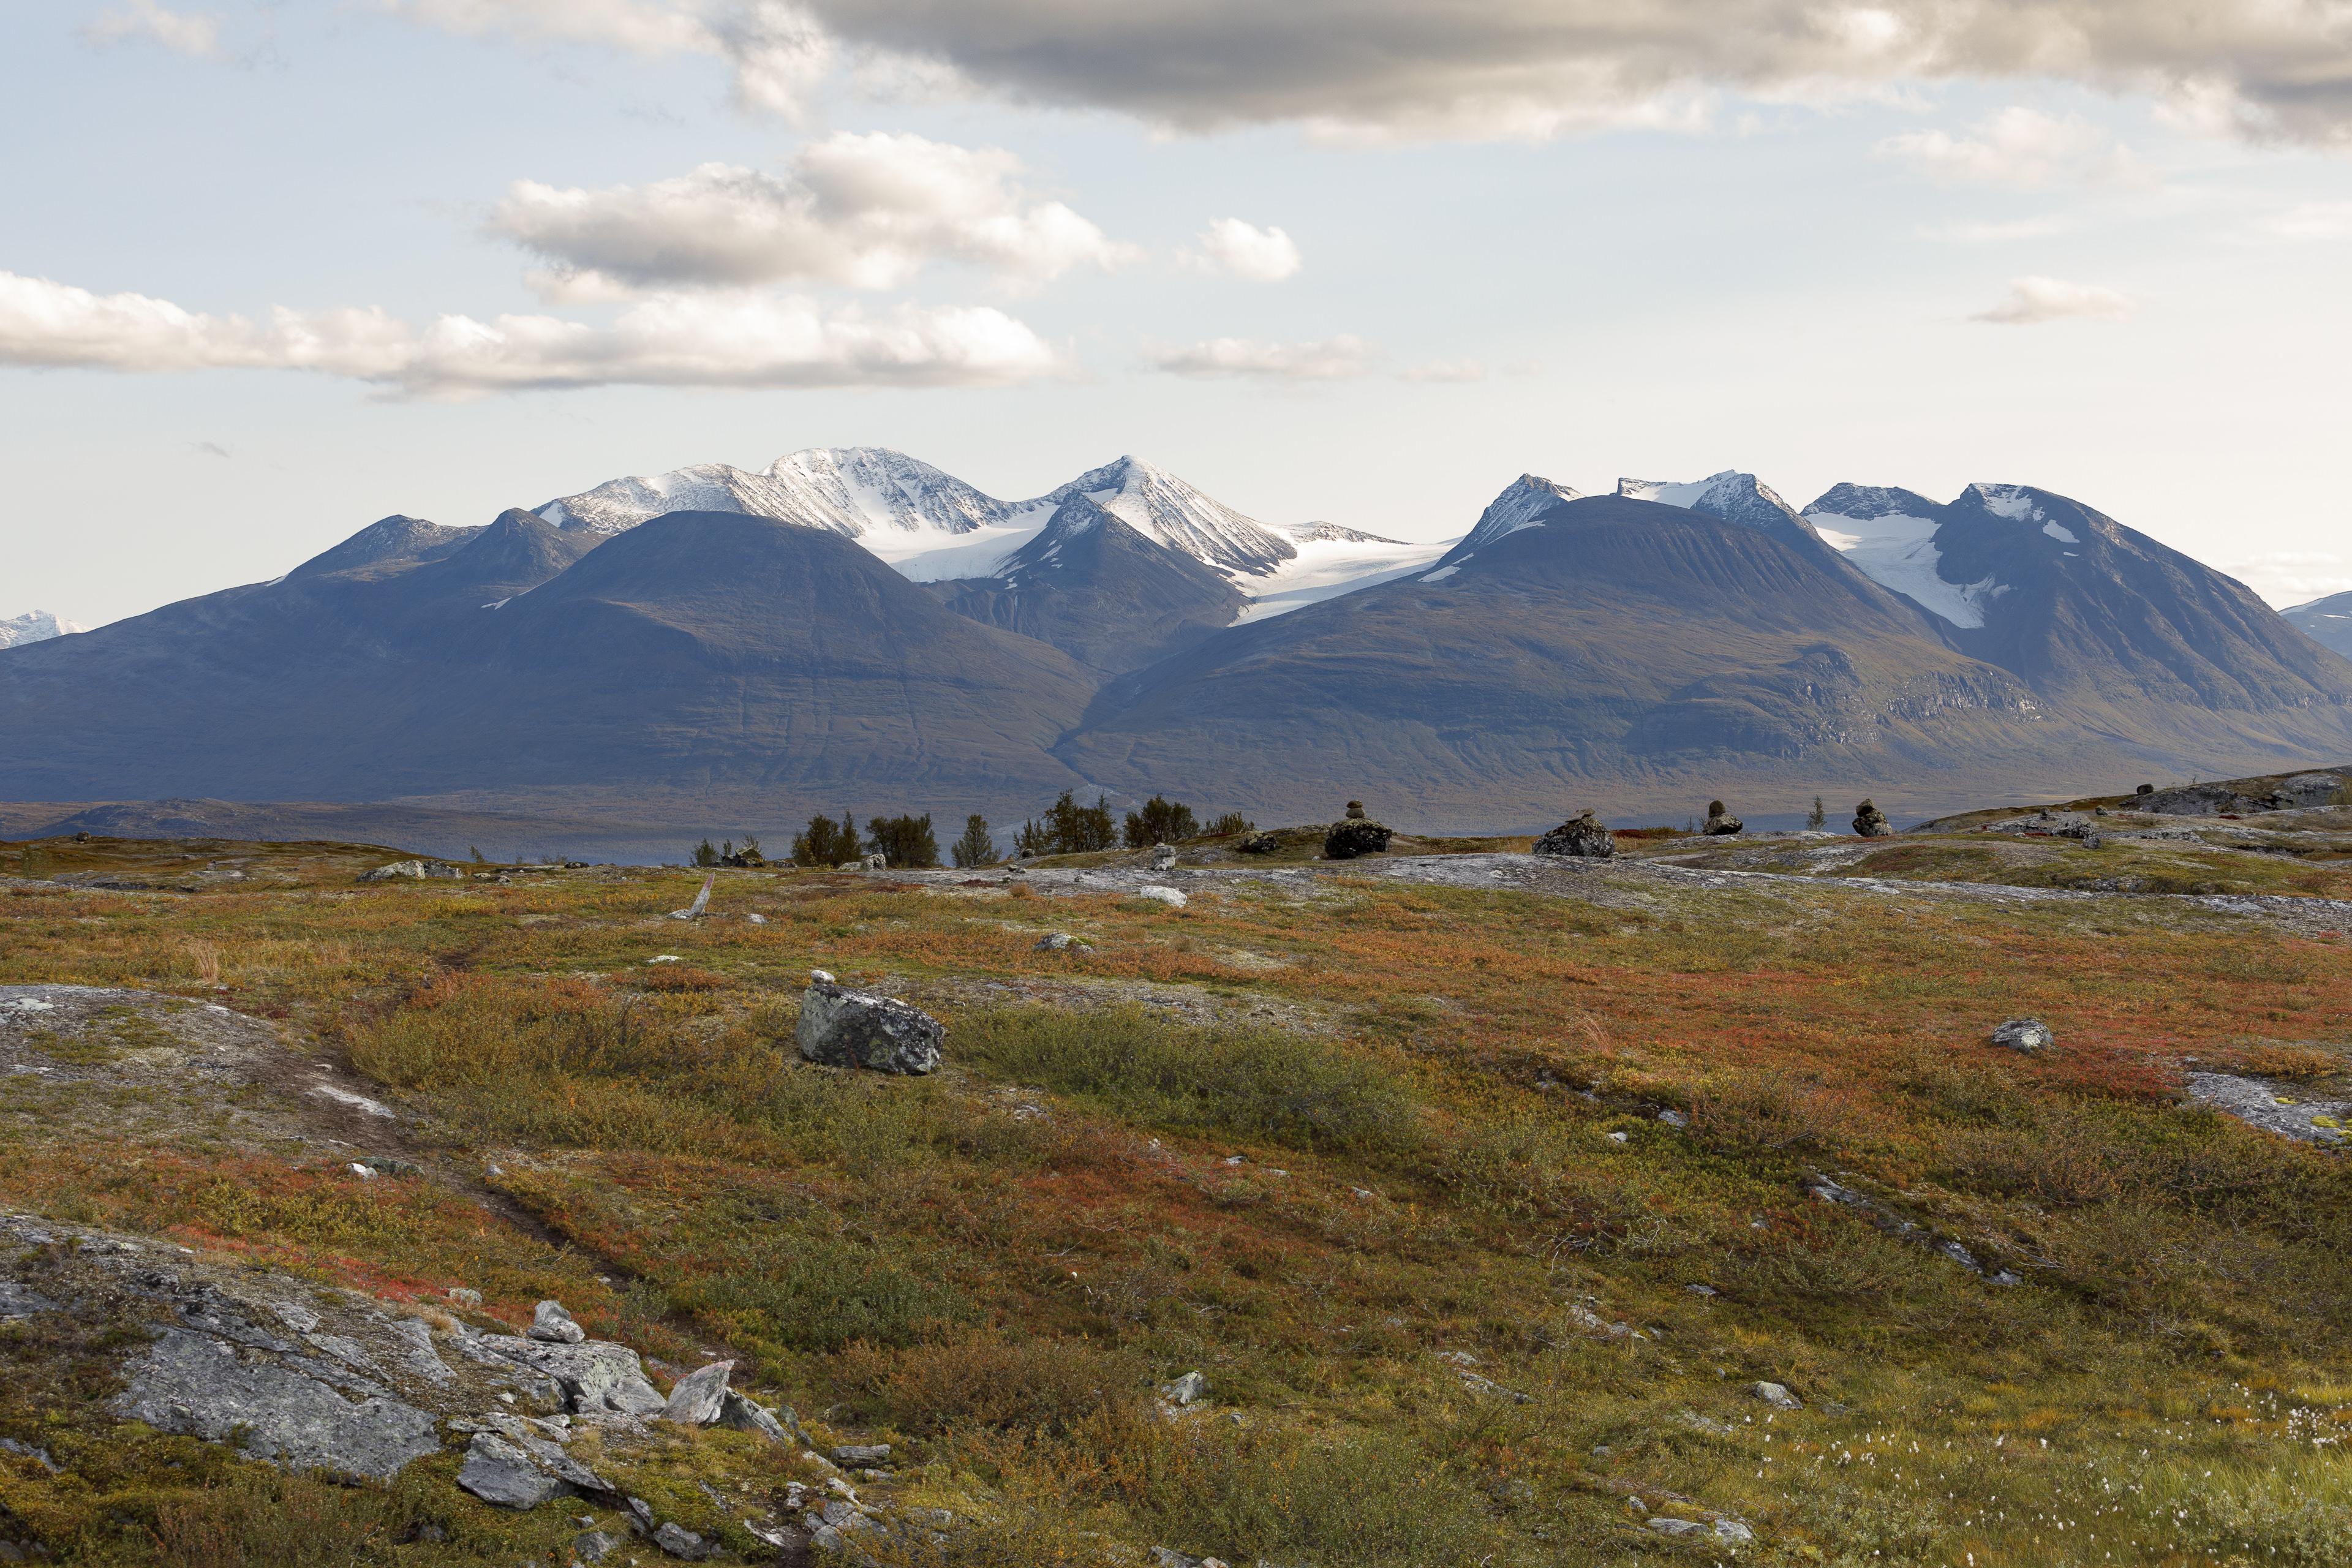 Áhkká mit seinen vielen Gipfeln und Gletschern (Stortoppen 2015m),©Markus Proske—Canon EOS 5D Mark IV, EF70-300mm f/4-5.6L IS USM, 70mm, 1/160s, Blende 8, ISO 160